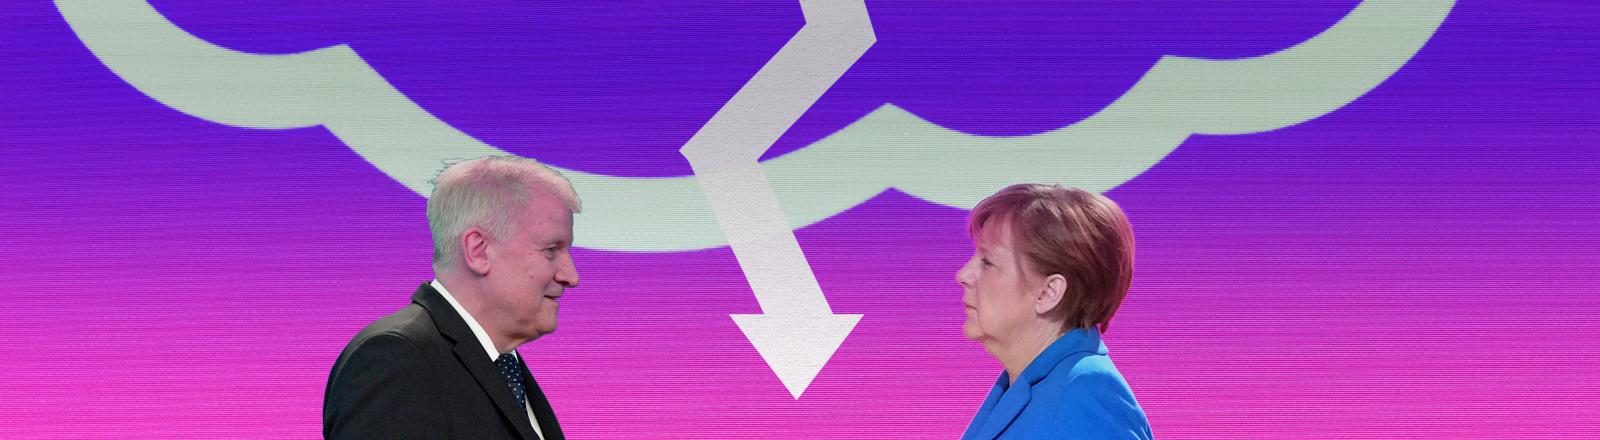 Horst Seehofer und Angela Merkel vor einer Gewitterwolke